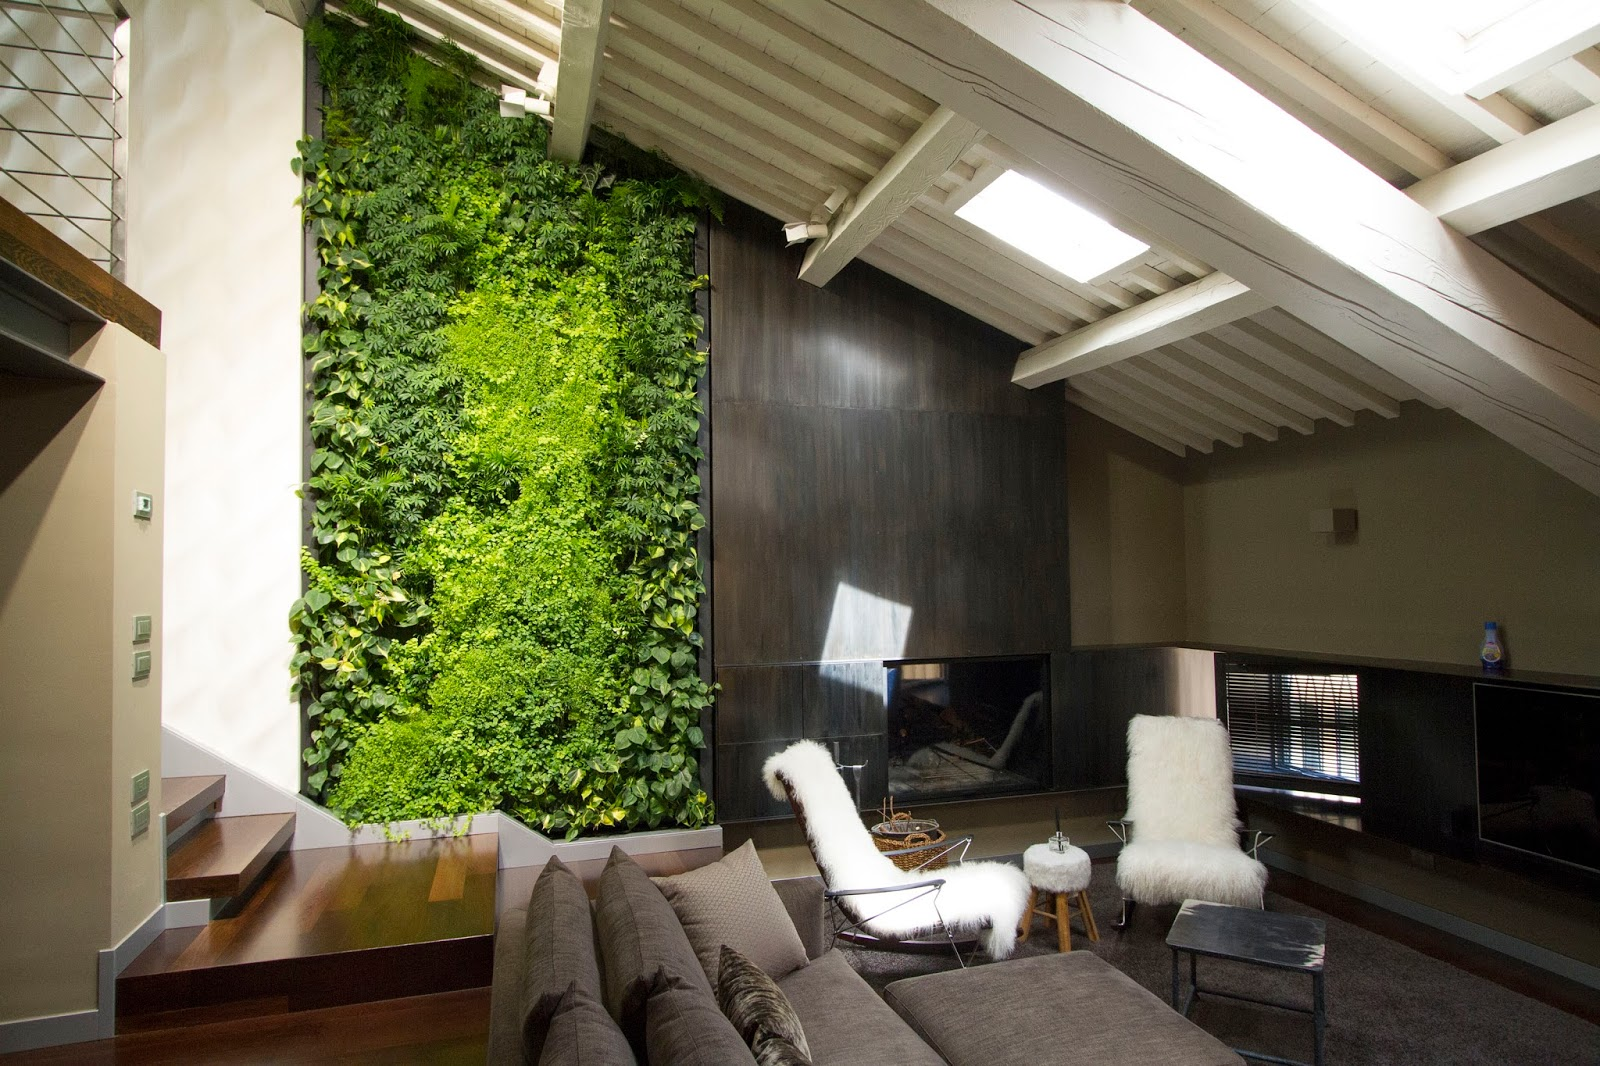 Fashion design giardini verticali sundar portiamo il for Design giardini